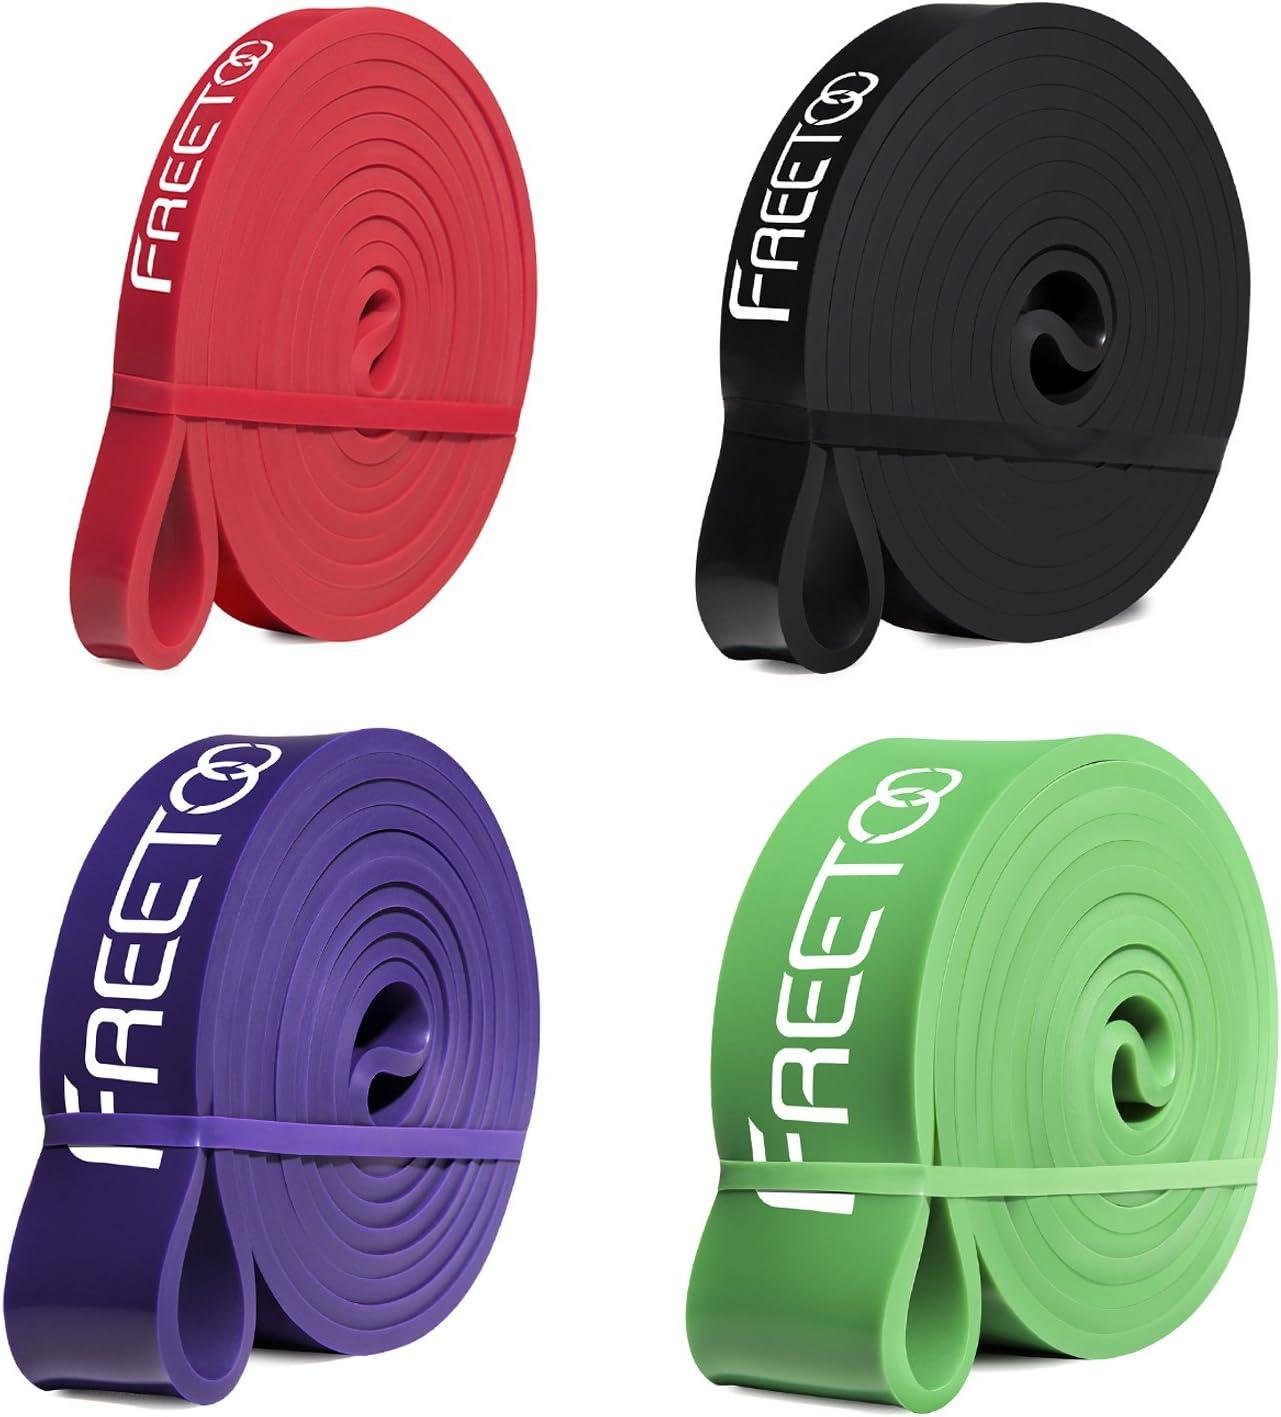 FREETOO Bandas de resistencia de goma fitness cinta de resistencia para el entrenamiento de fuerza/músculos/ejercicio/Home gimnasios en 5 puntos fuertes (Rojo + Negro + Morado + Verde): Amazon.es: Deportes y aire libre